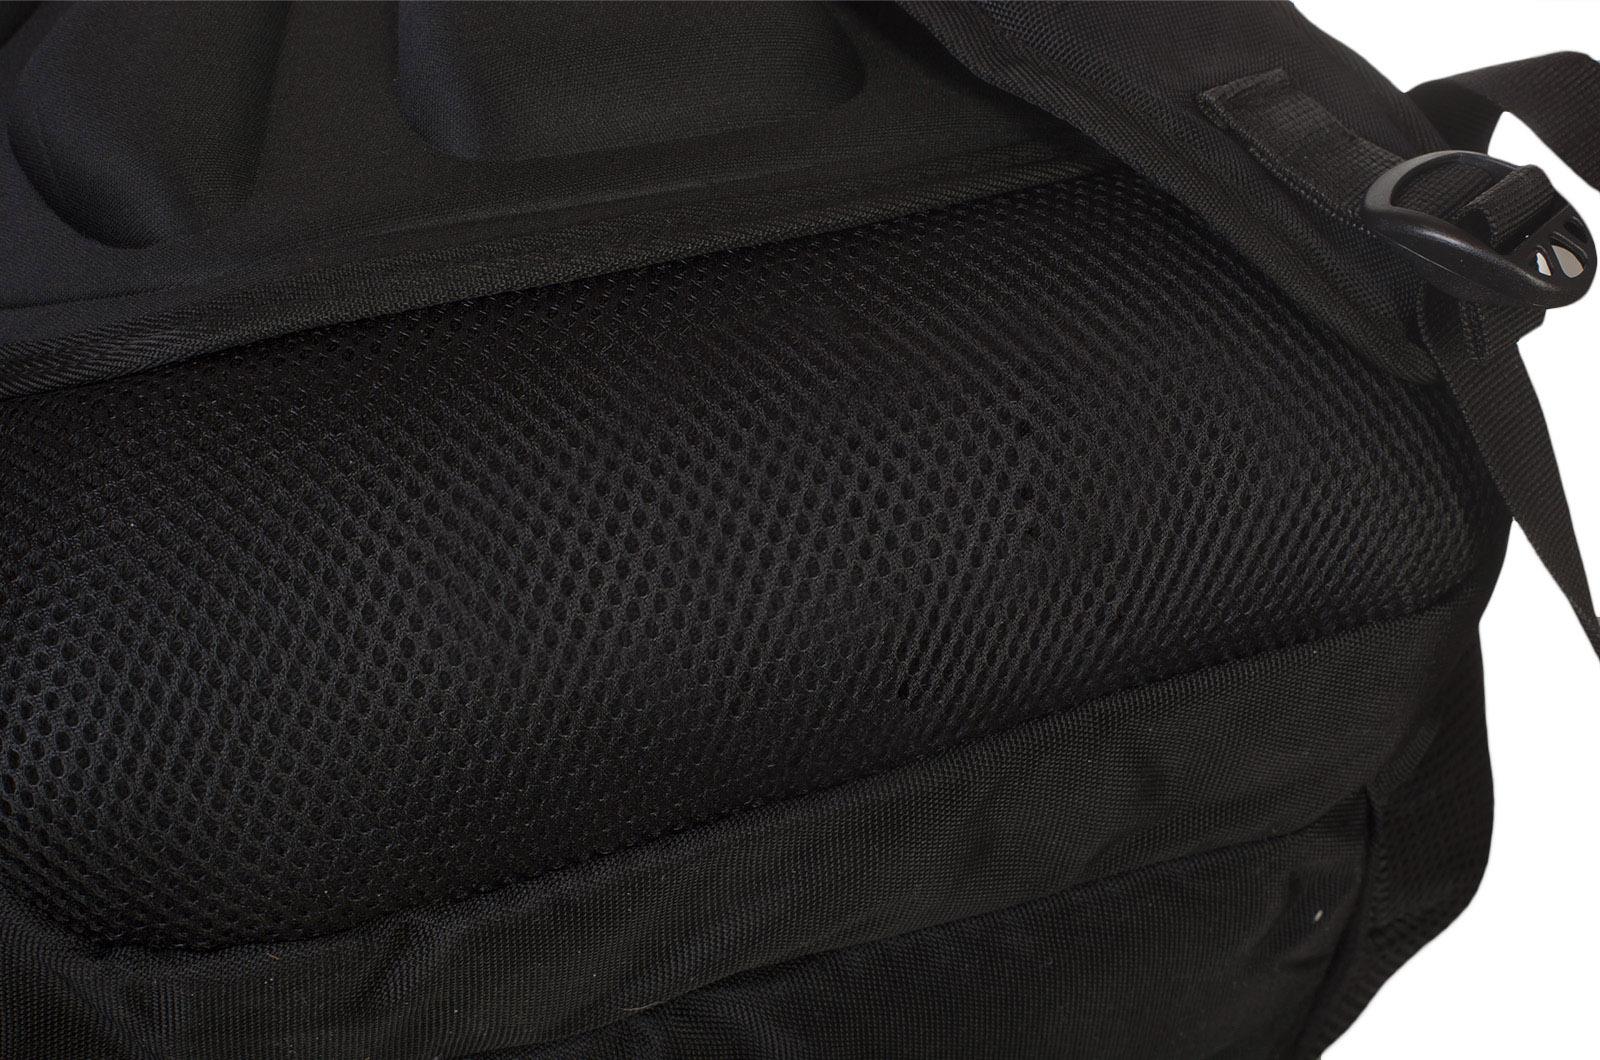 Крутой эргономичный рюкзак с нашивкой МЧС - заказать выгодно